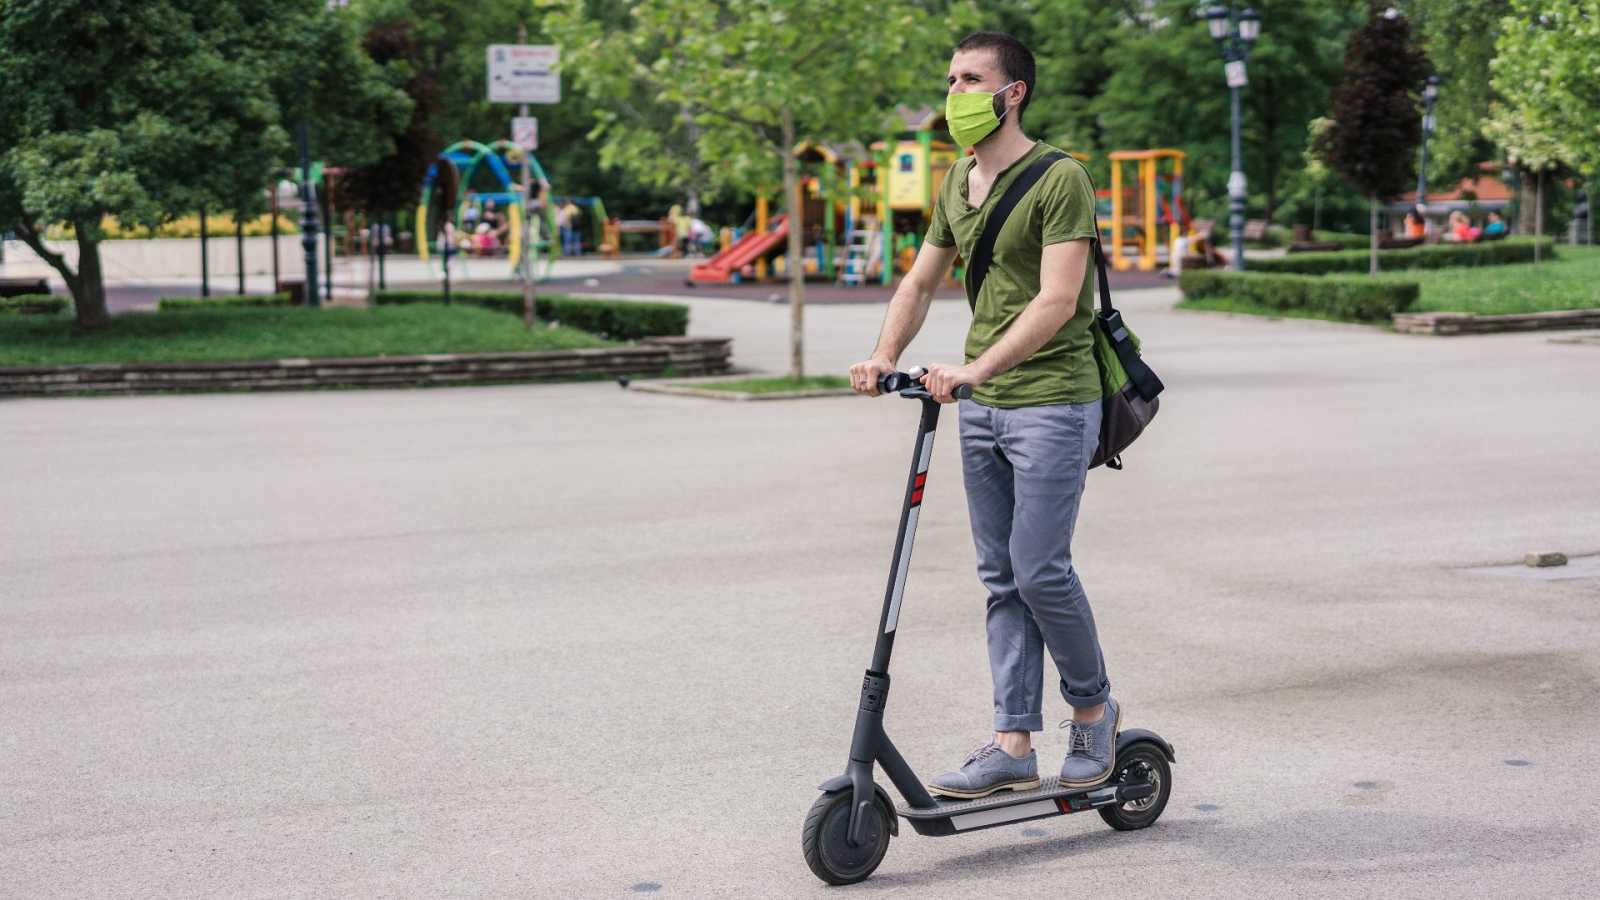 Conocer las normas de seguridad vial, la asignatura pendiente de numerosos usuarios de bicicletas y patinetes